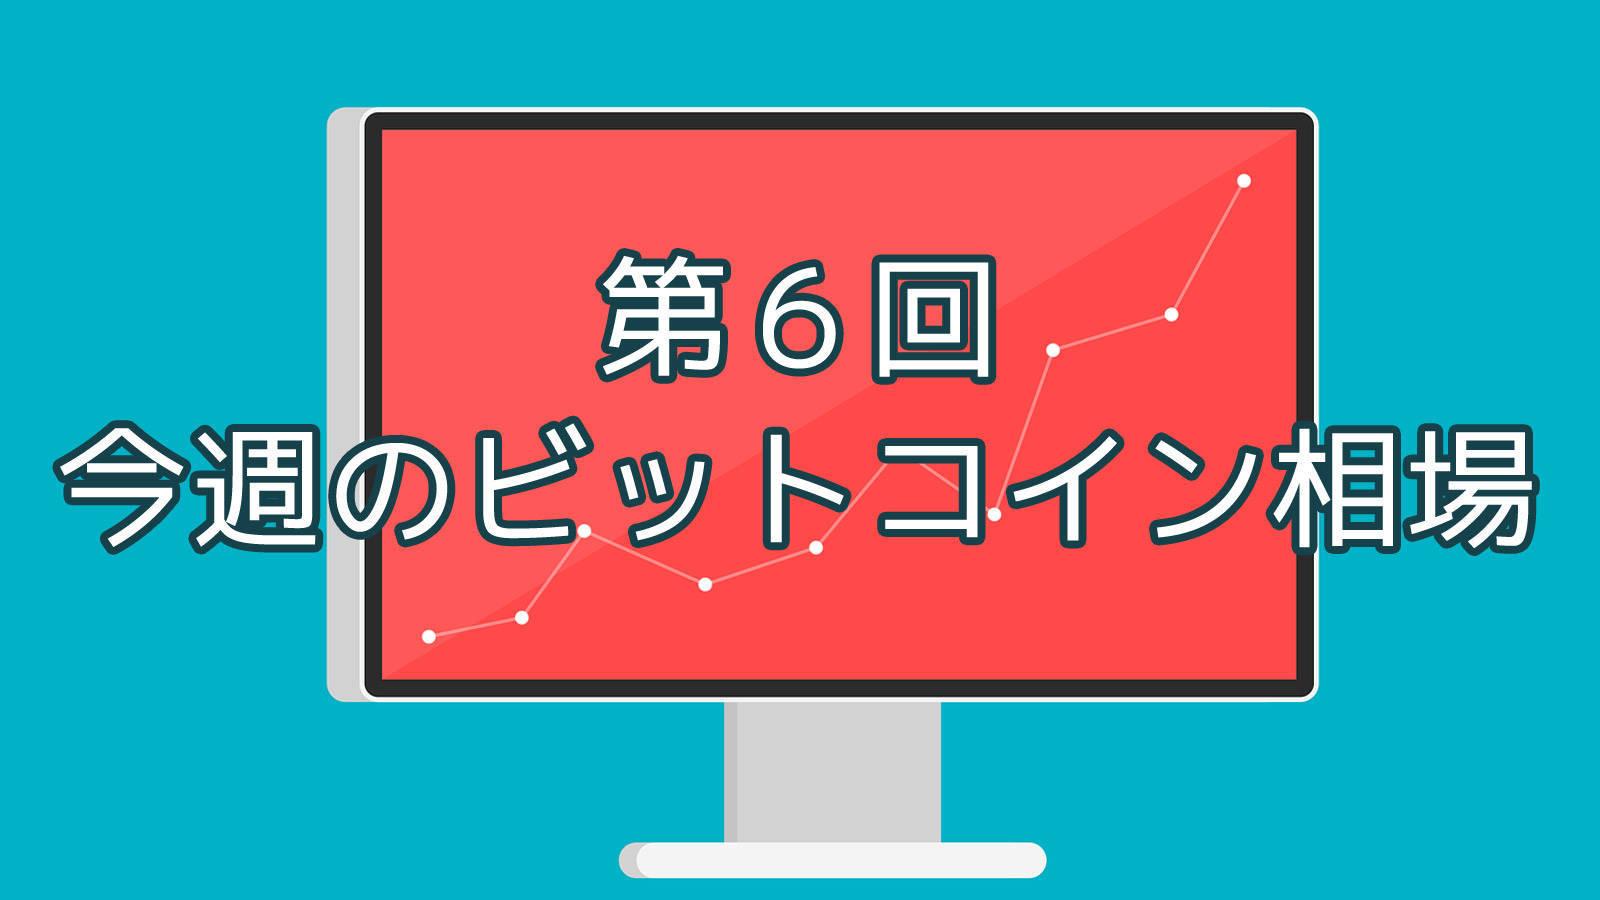 【第6回】今週のビットコイン相場 (3/20〜3/26)